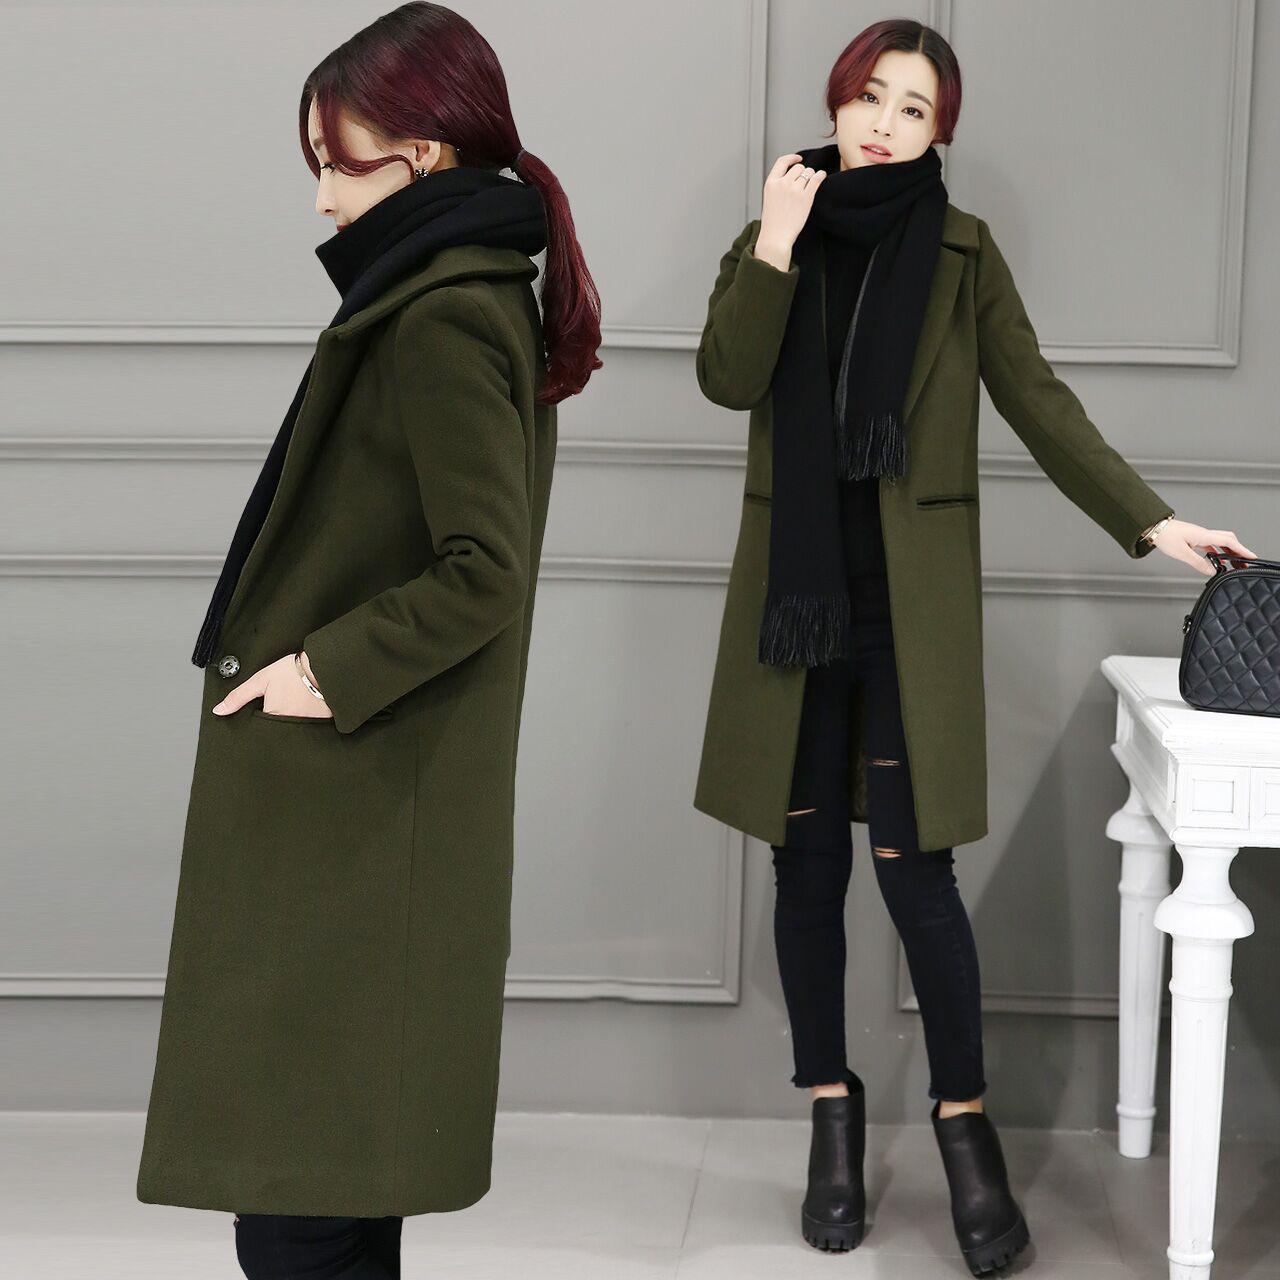 反季秋冬装韩版女装加厚毛呢外套女中长款廓形呢子大衣显瘦潮冬季